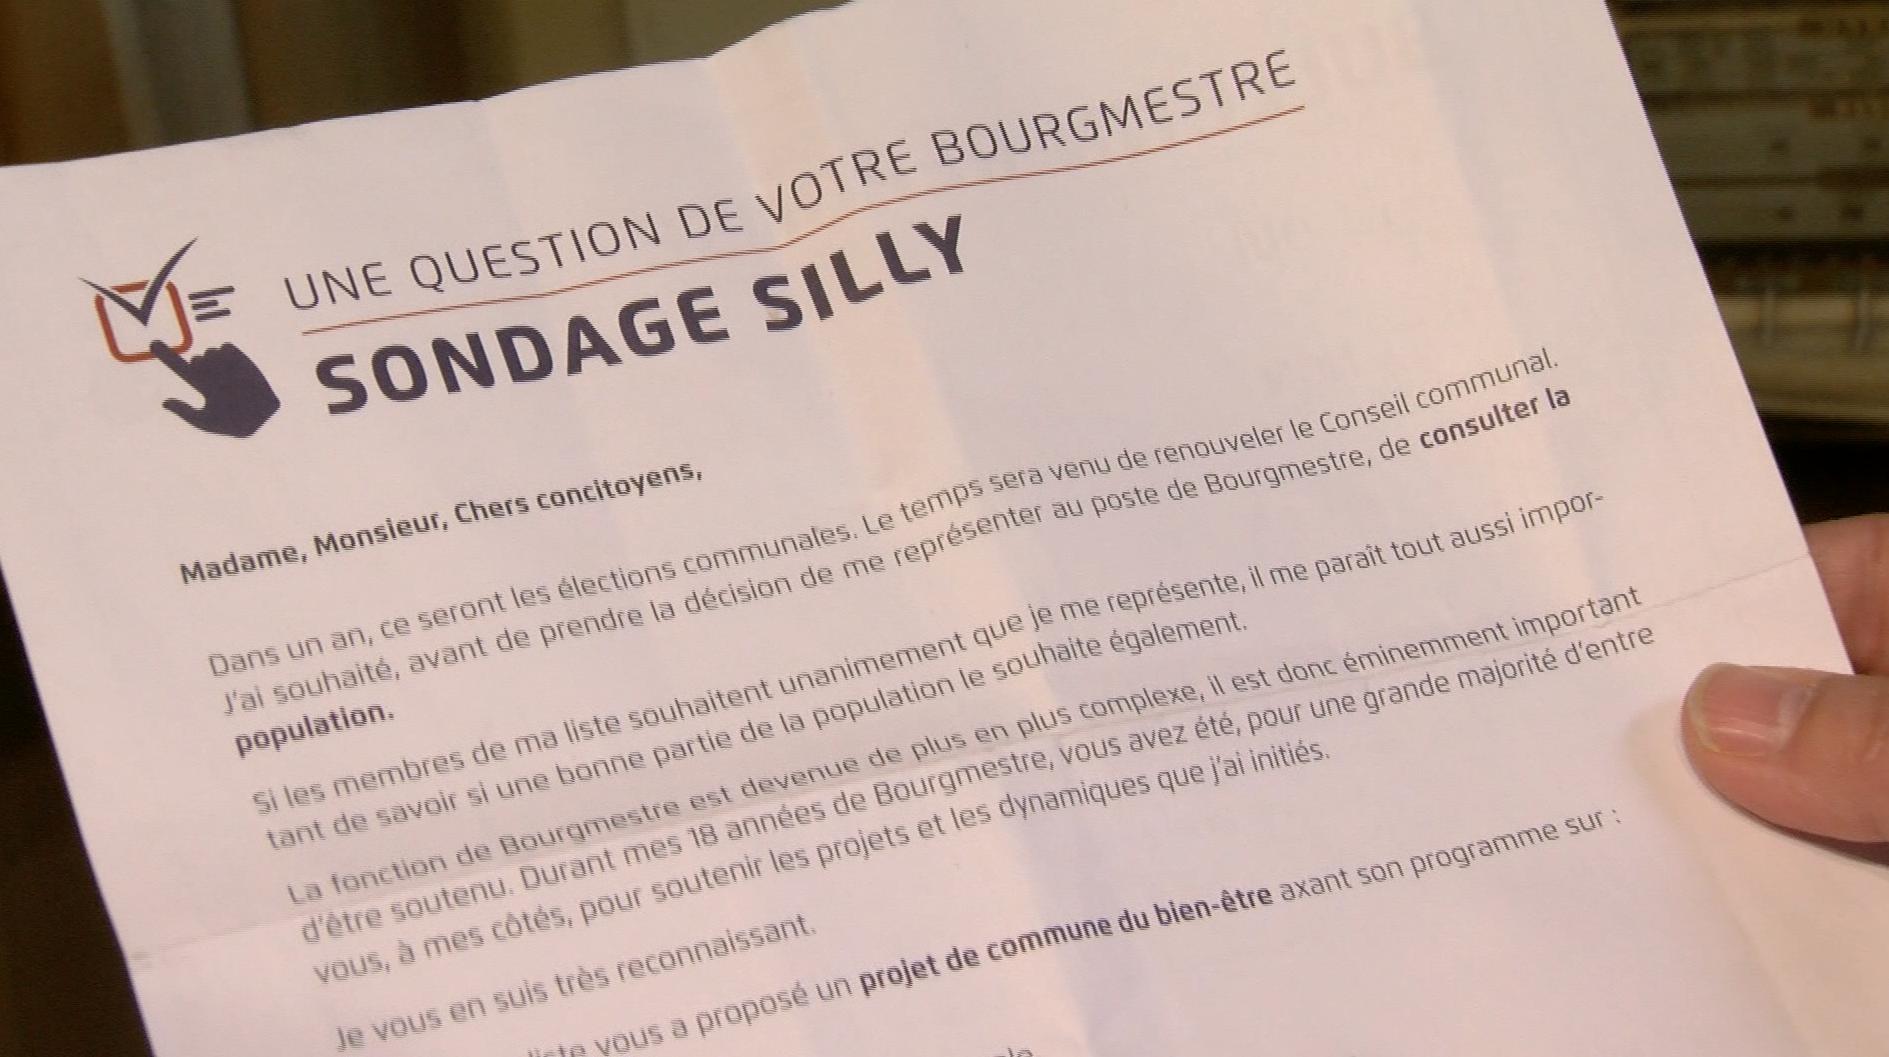 Silly : Les résultats du sondage seront connus le 4 novembre